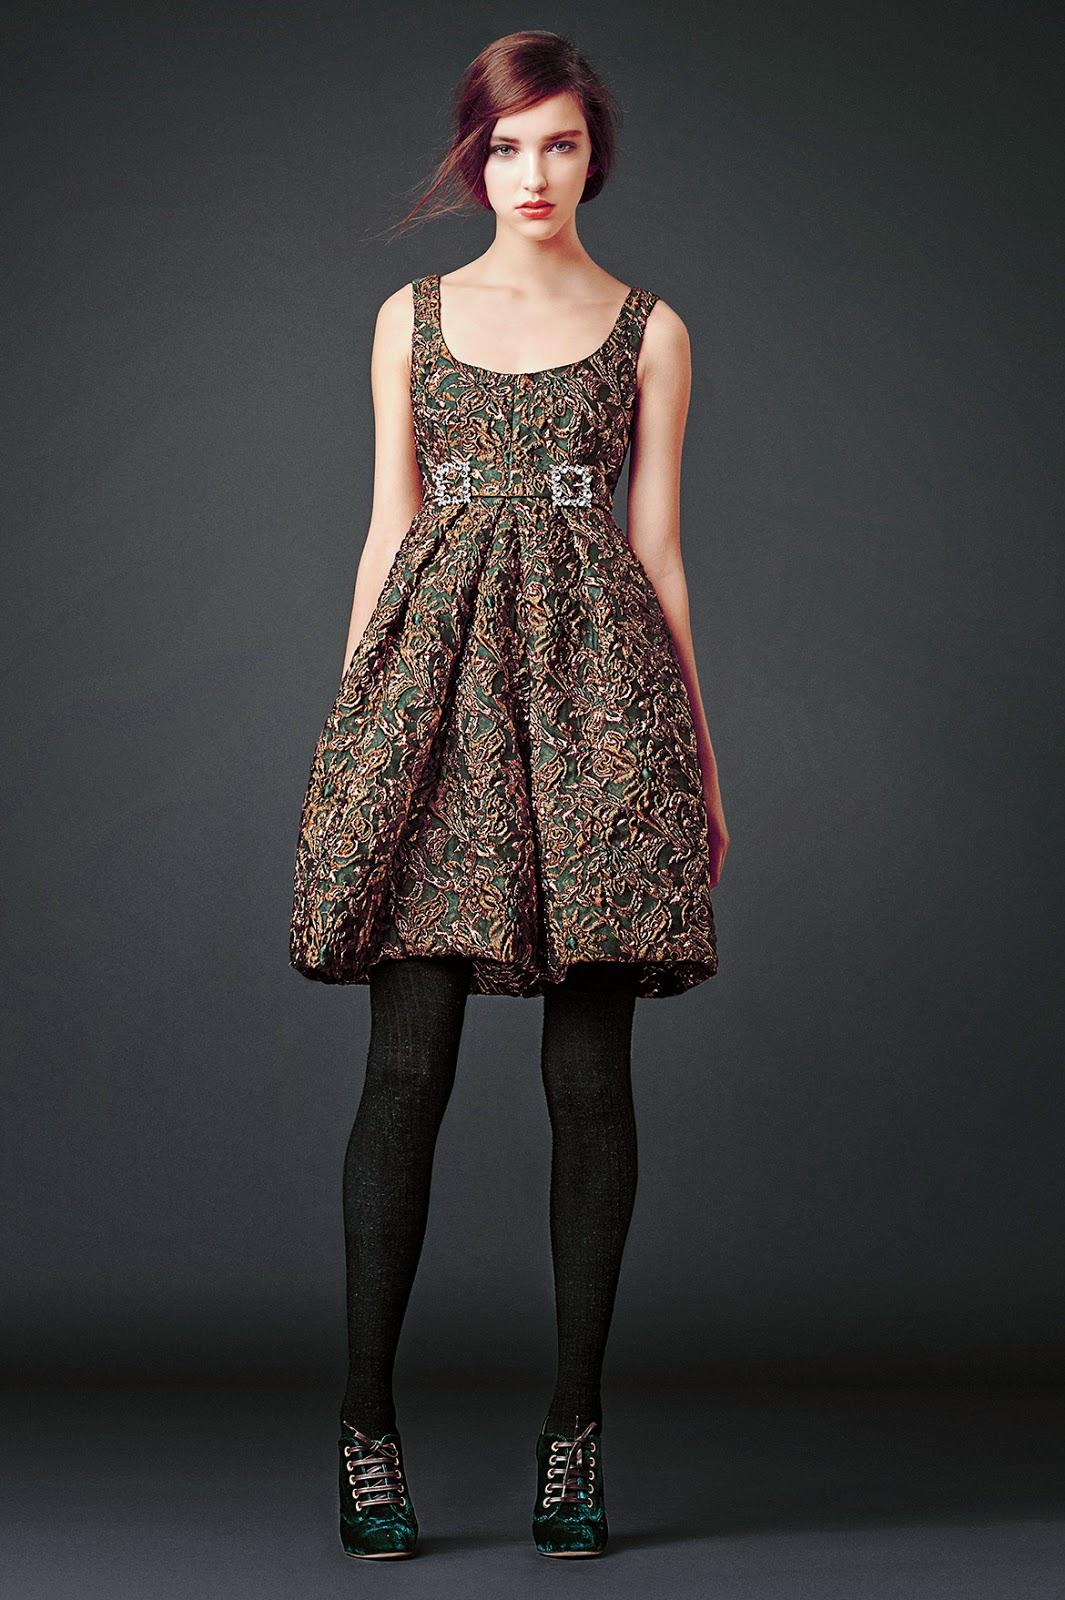 Matrimonio In Autunno Come Vestirsi : Come vestirsi al matrimonio in autunno